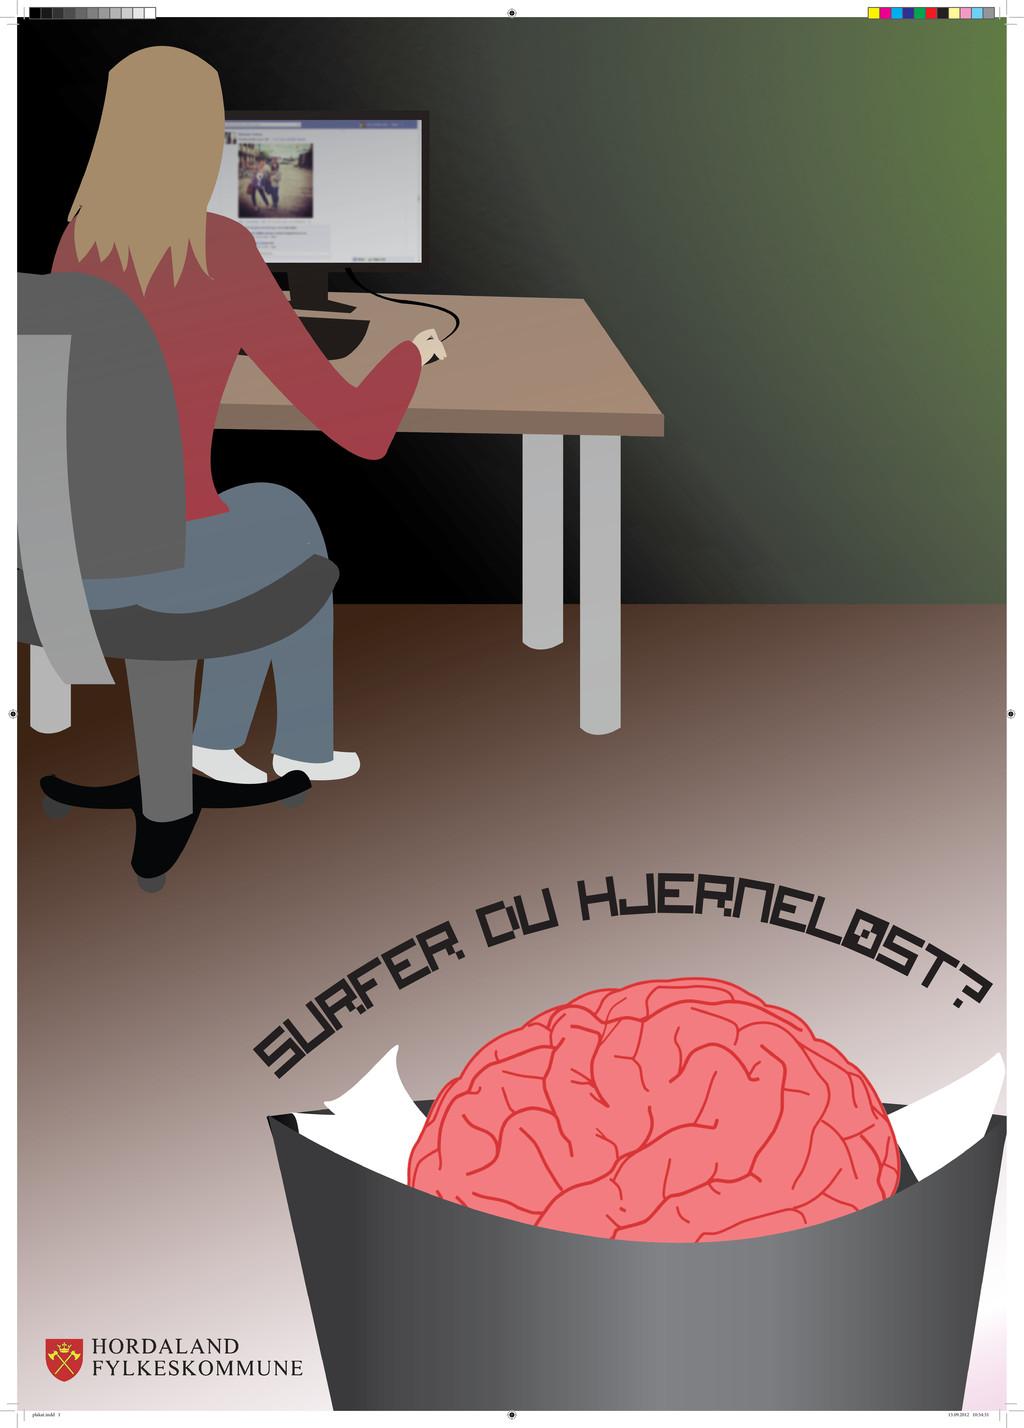 surfer du hjerneløst? plakat.indd 1 13.09.2012 ...